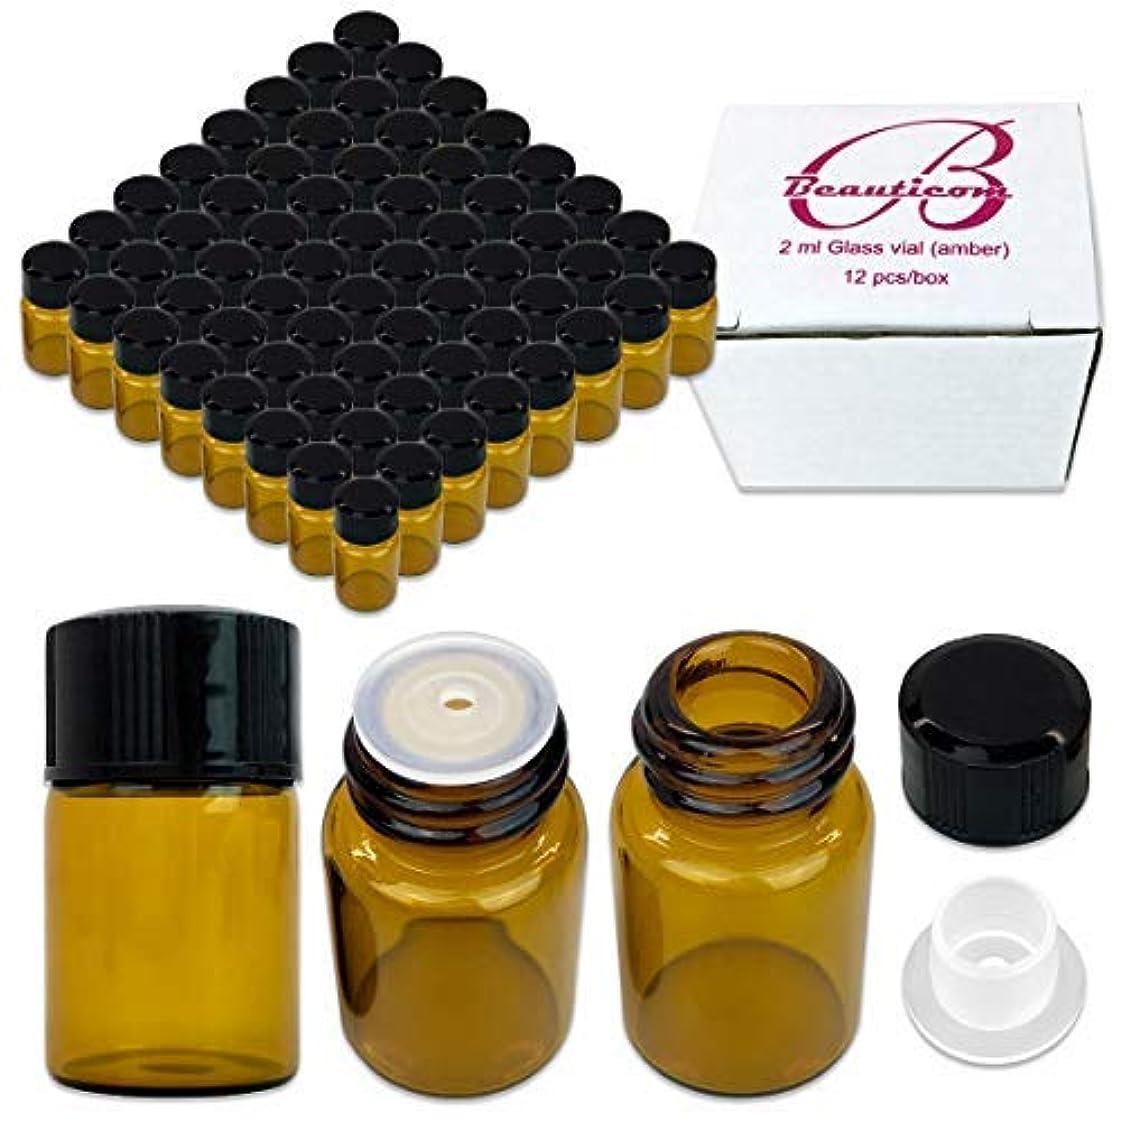 変動するダーツ列車84 Packs Beauticom 2ML Amber Glass Vial for Essential Oils, Aromatherapy, Fragrance, Serums, Spritzes, with Orifice...